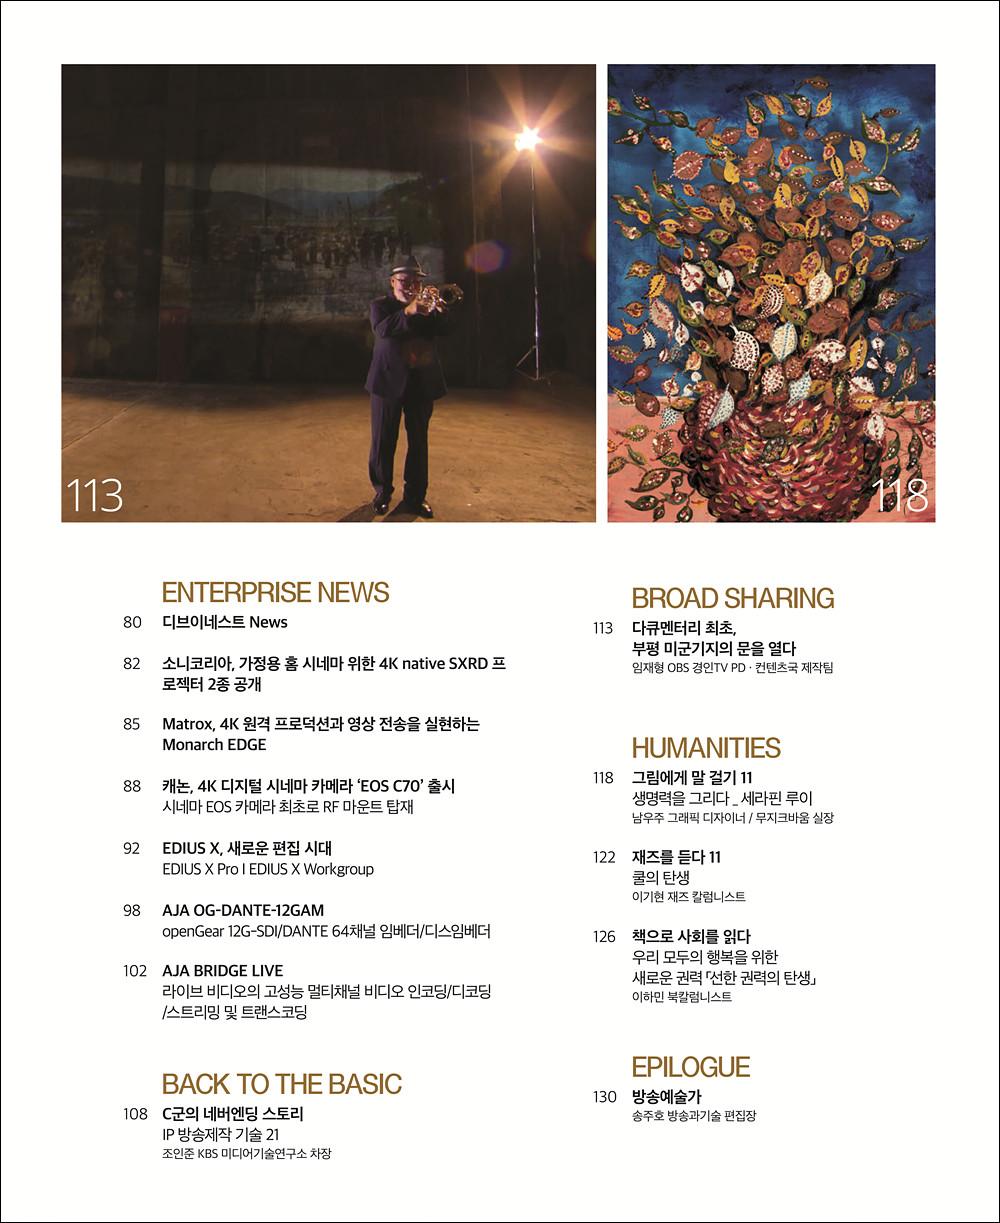 월간 방송과기술 11월호 목차_2